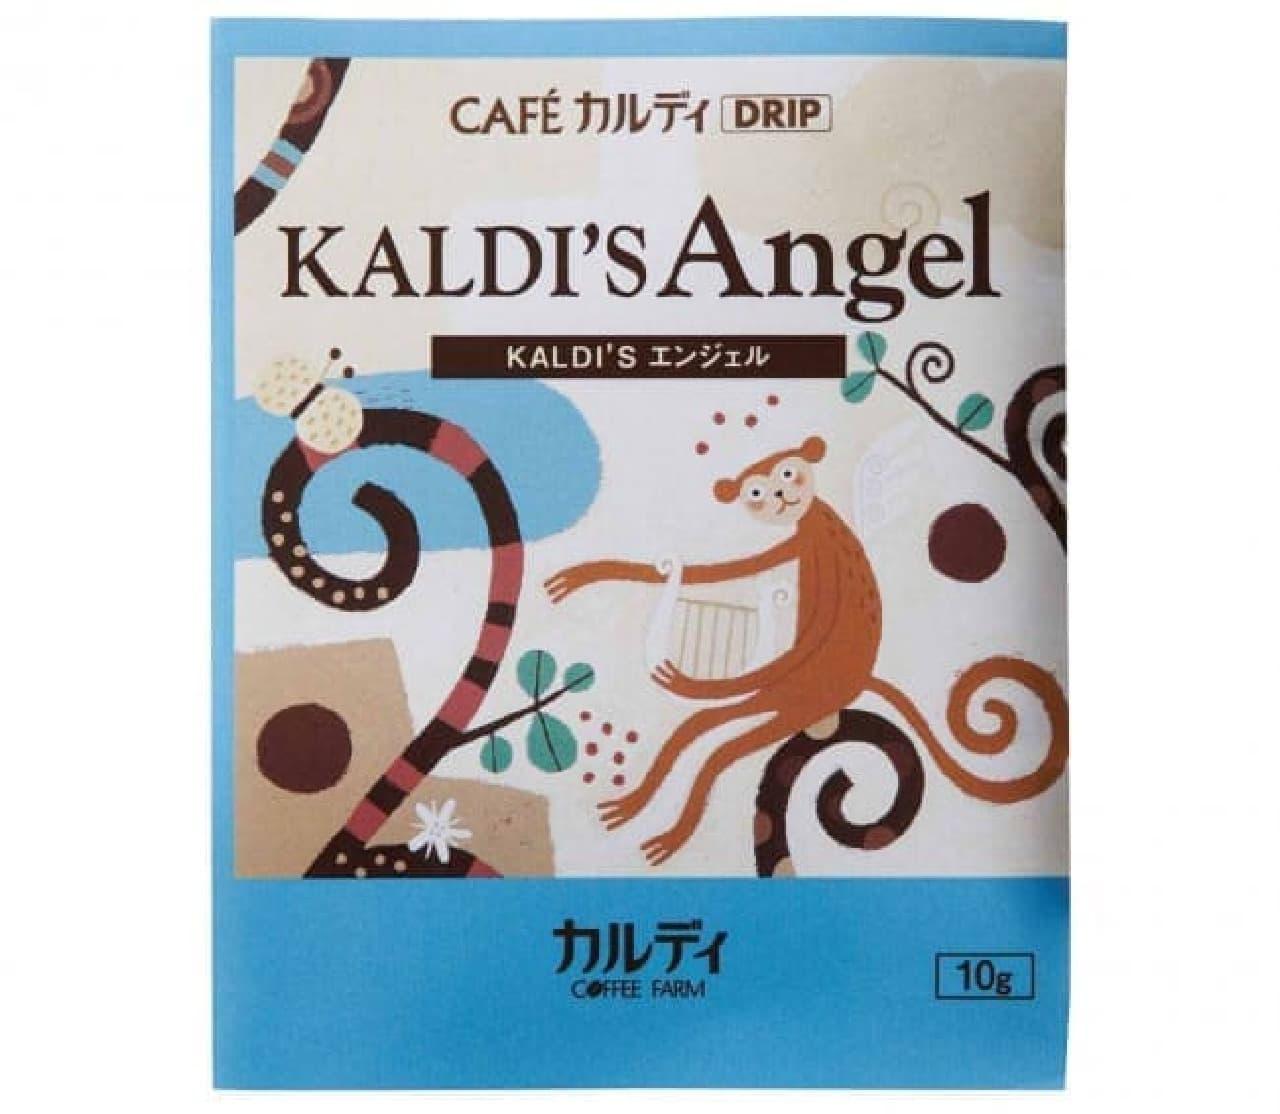 カルディ 限定ドリップコーヒーセット